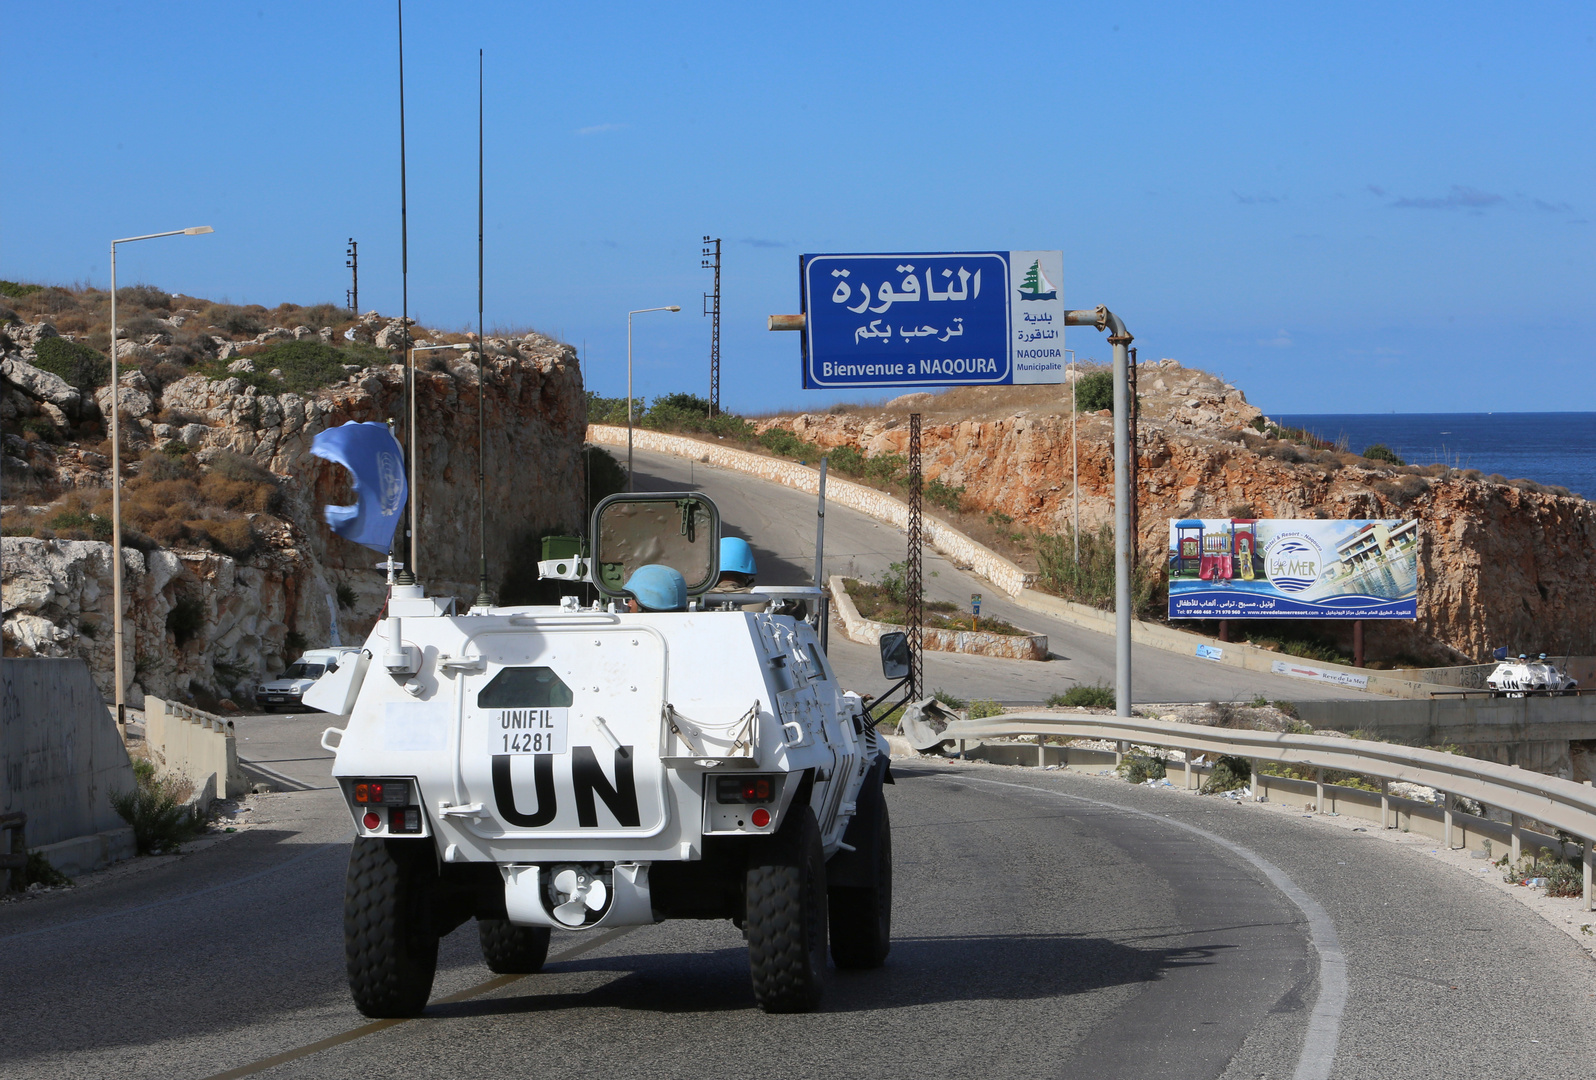 لبنان وإسرائيل يعقدان جلسة ثانية من المفاوضات غير المباشرة لترسيم الحدود البحرية